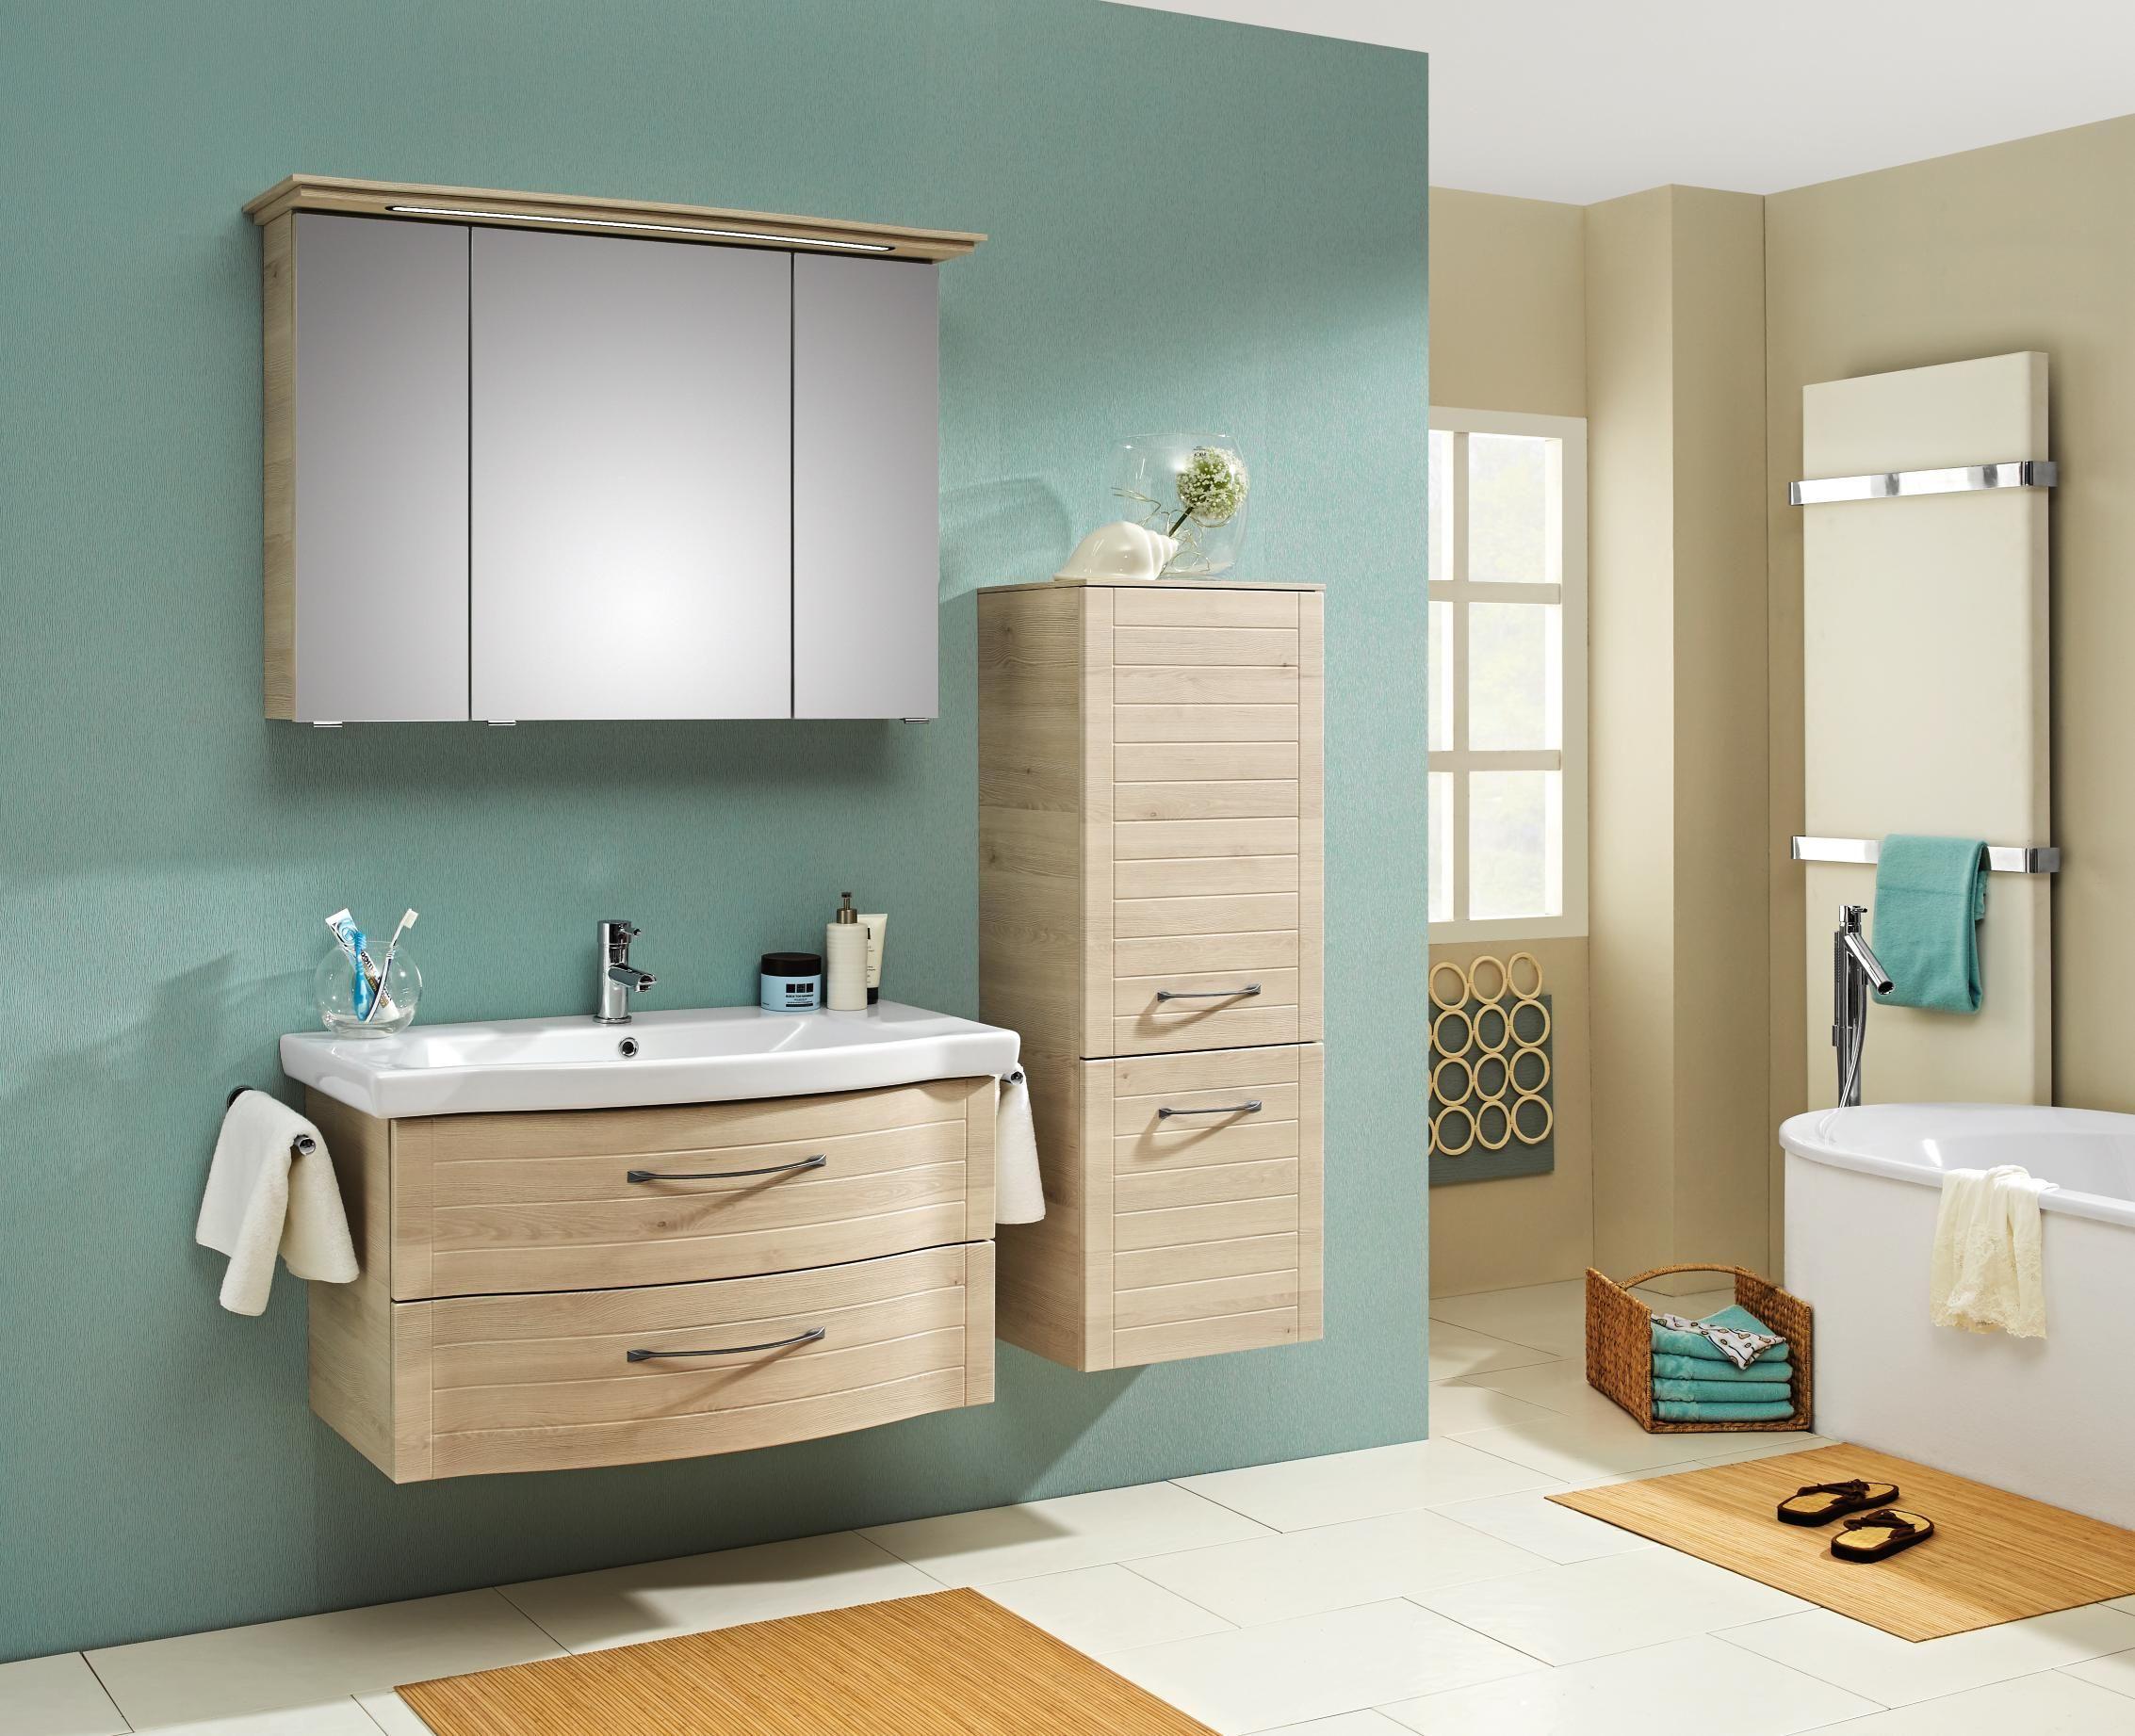 badezimmer von sadena: 3-teiliges set mit wohlfühlcharakter, Badezimmer ideen